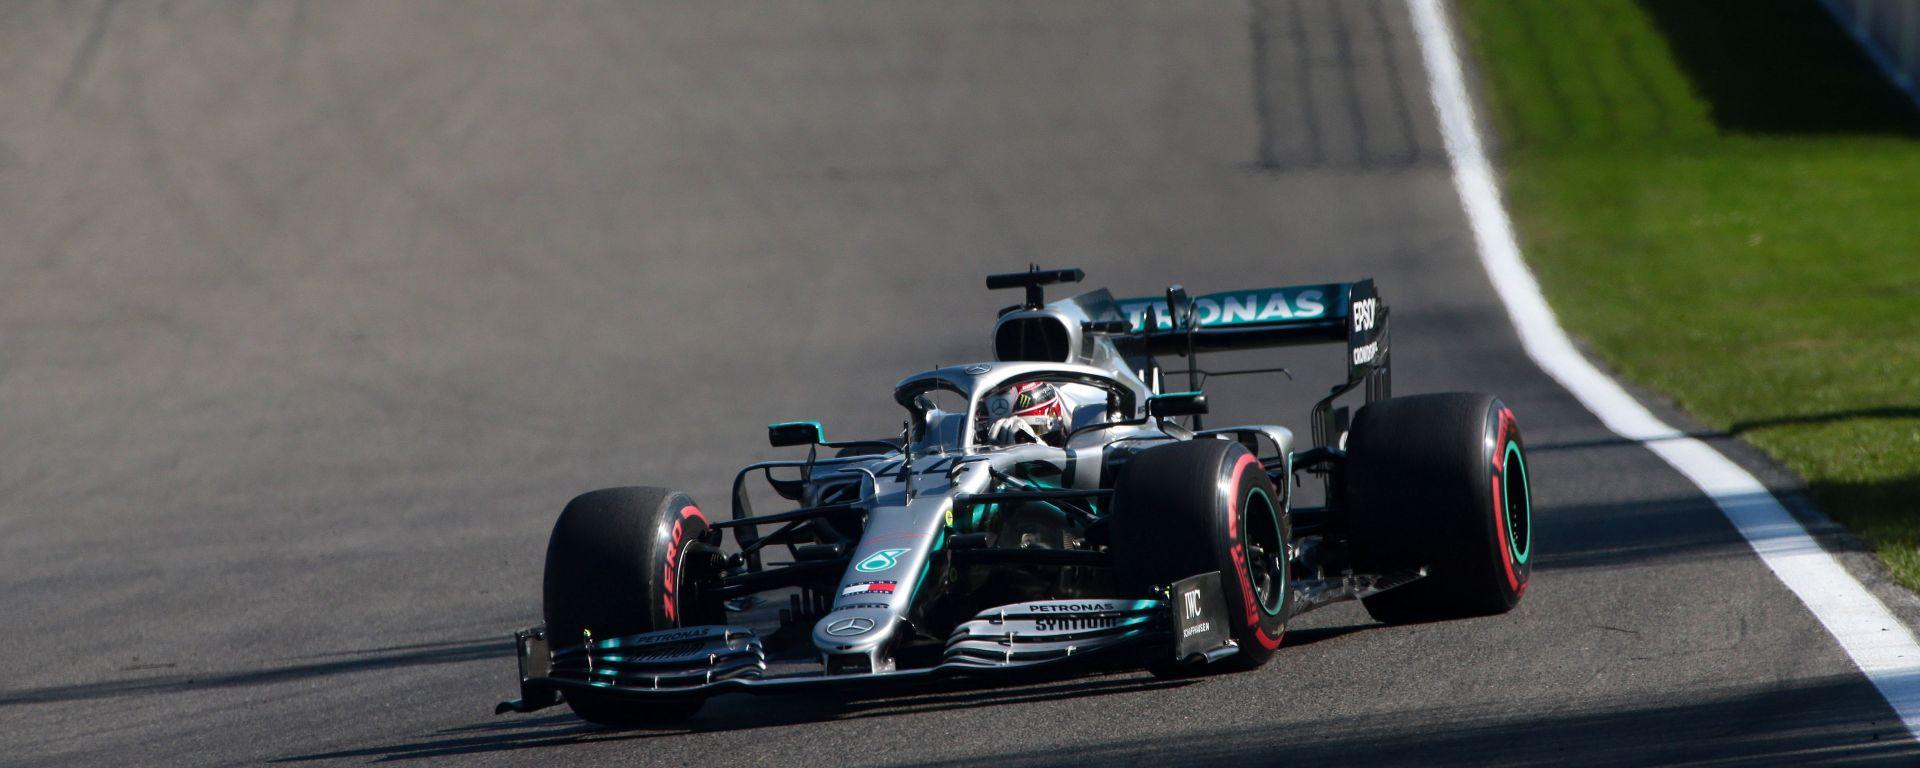 """GP Belgio 2019, Hamilton 3°: """"Pole irraggiungibile oggi"""""""